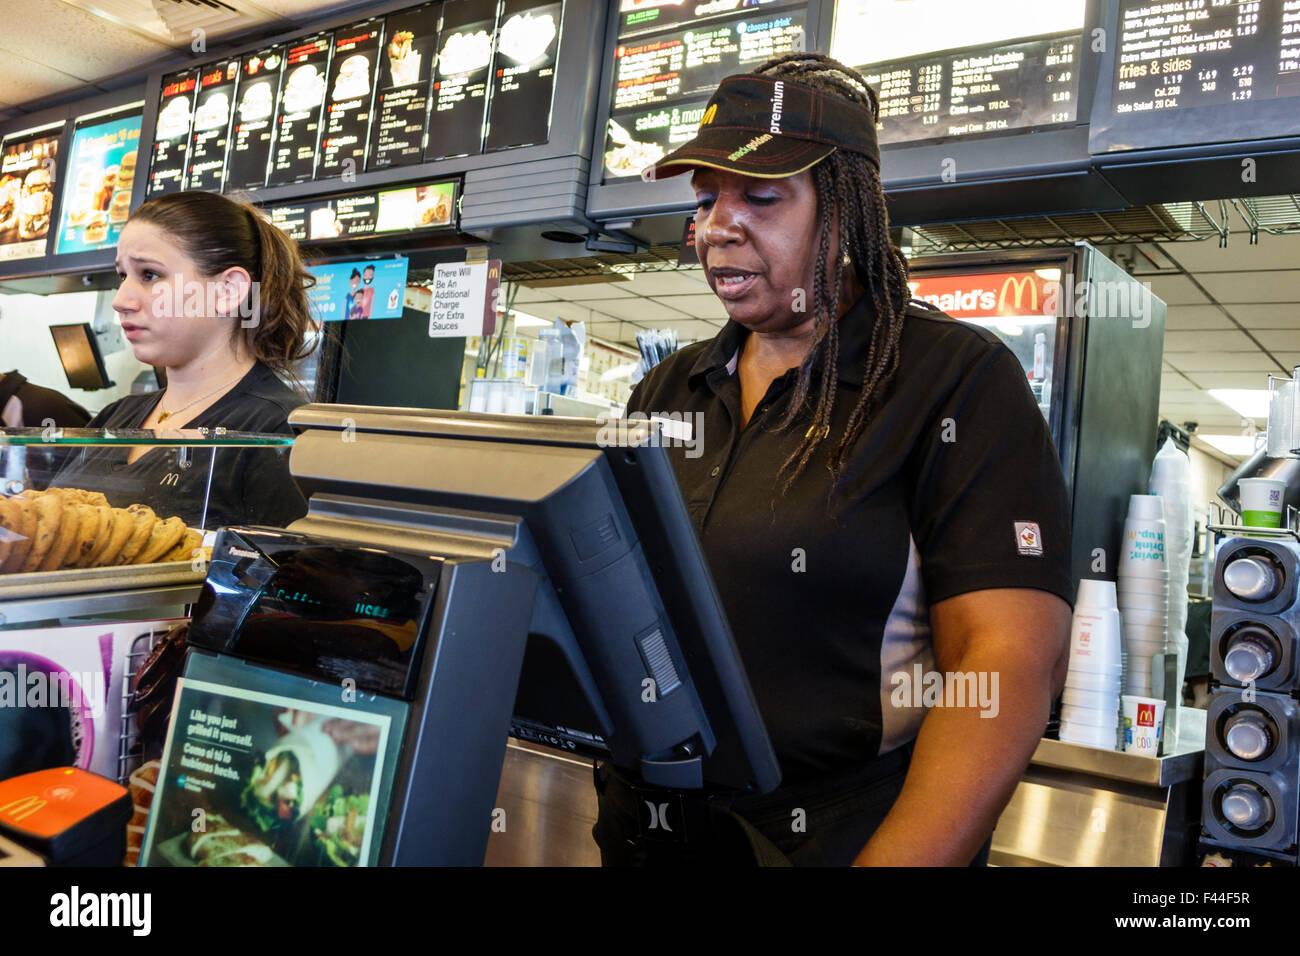 Key West, Florida Keys McDonald's restaurante de comida rápida en contra de la mujer negra uniforme empleado cajero Foto de stock